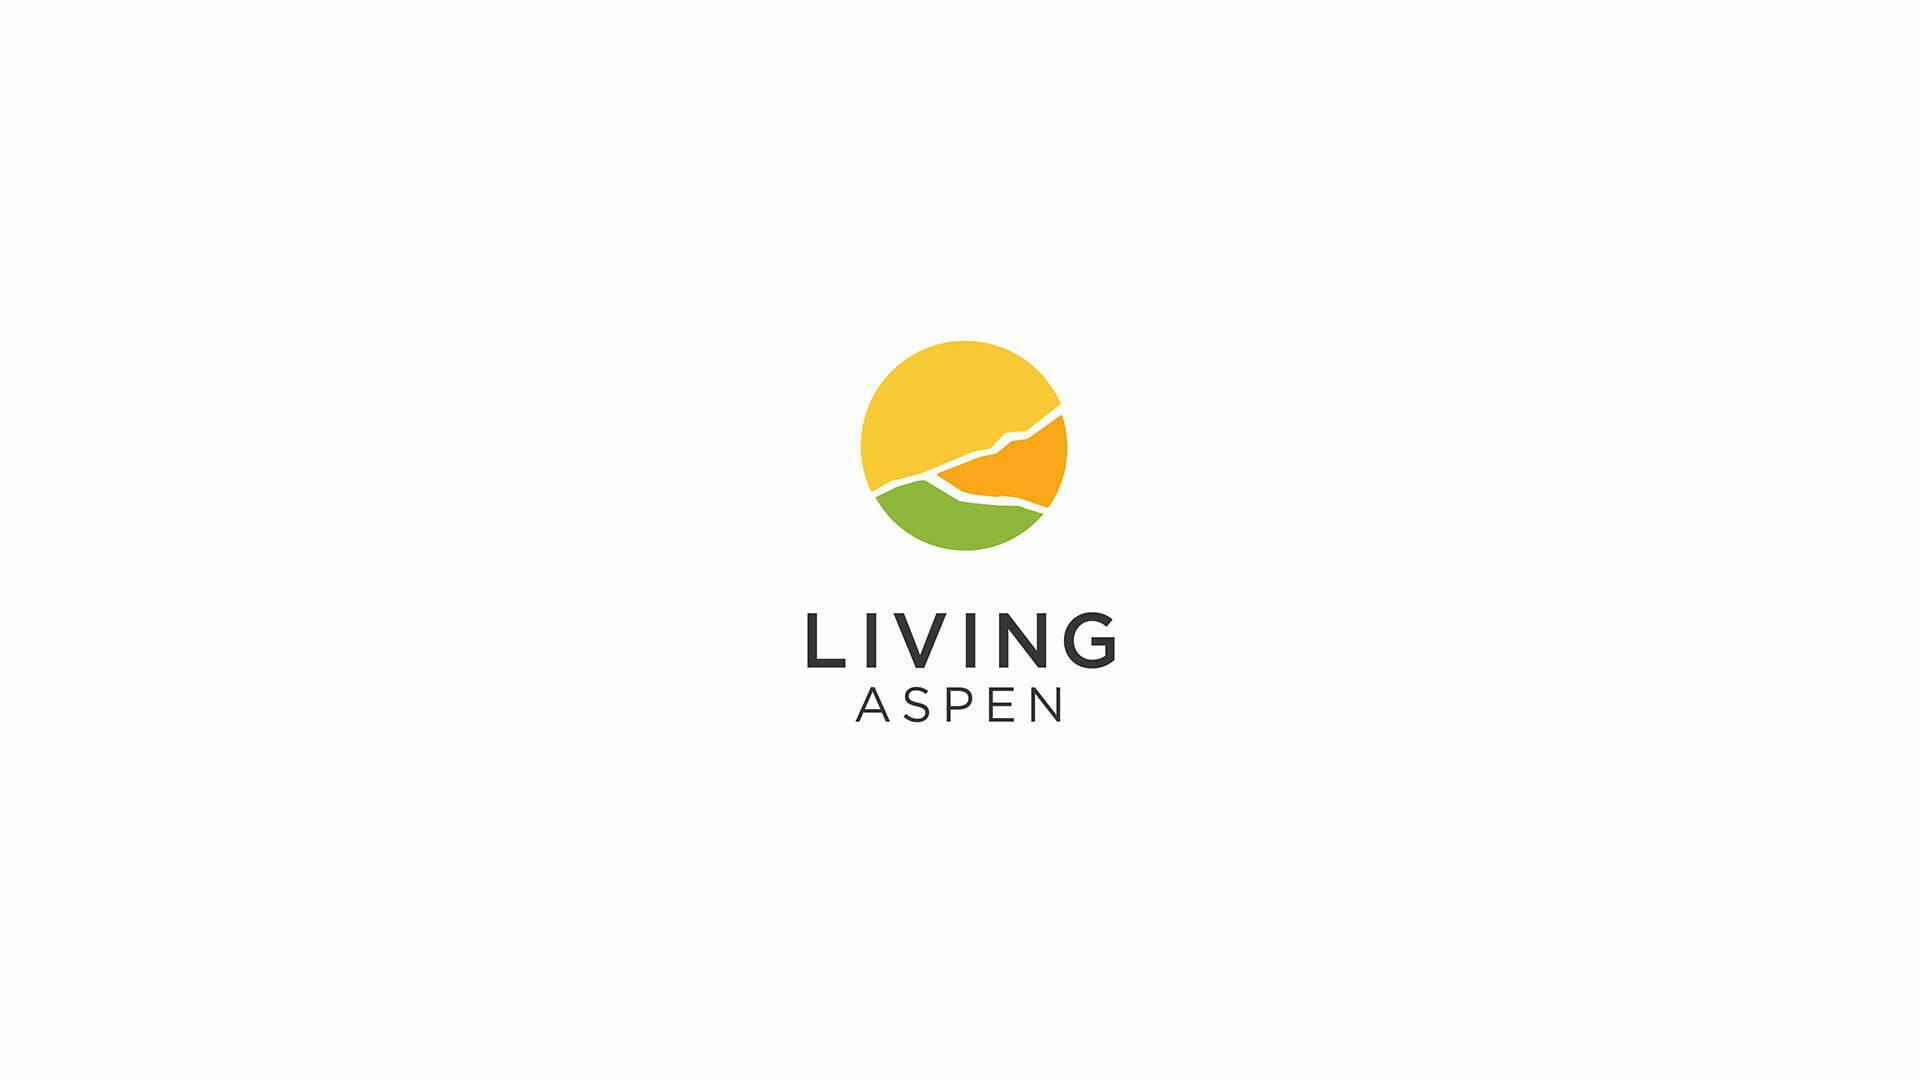 Living Aspen Mark and Type